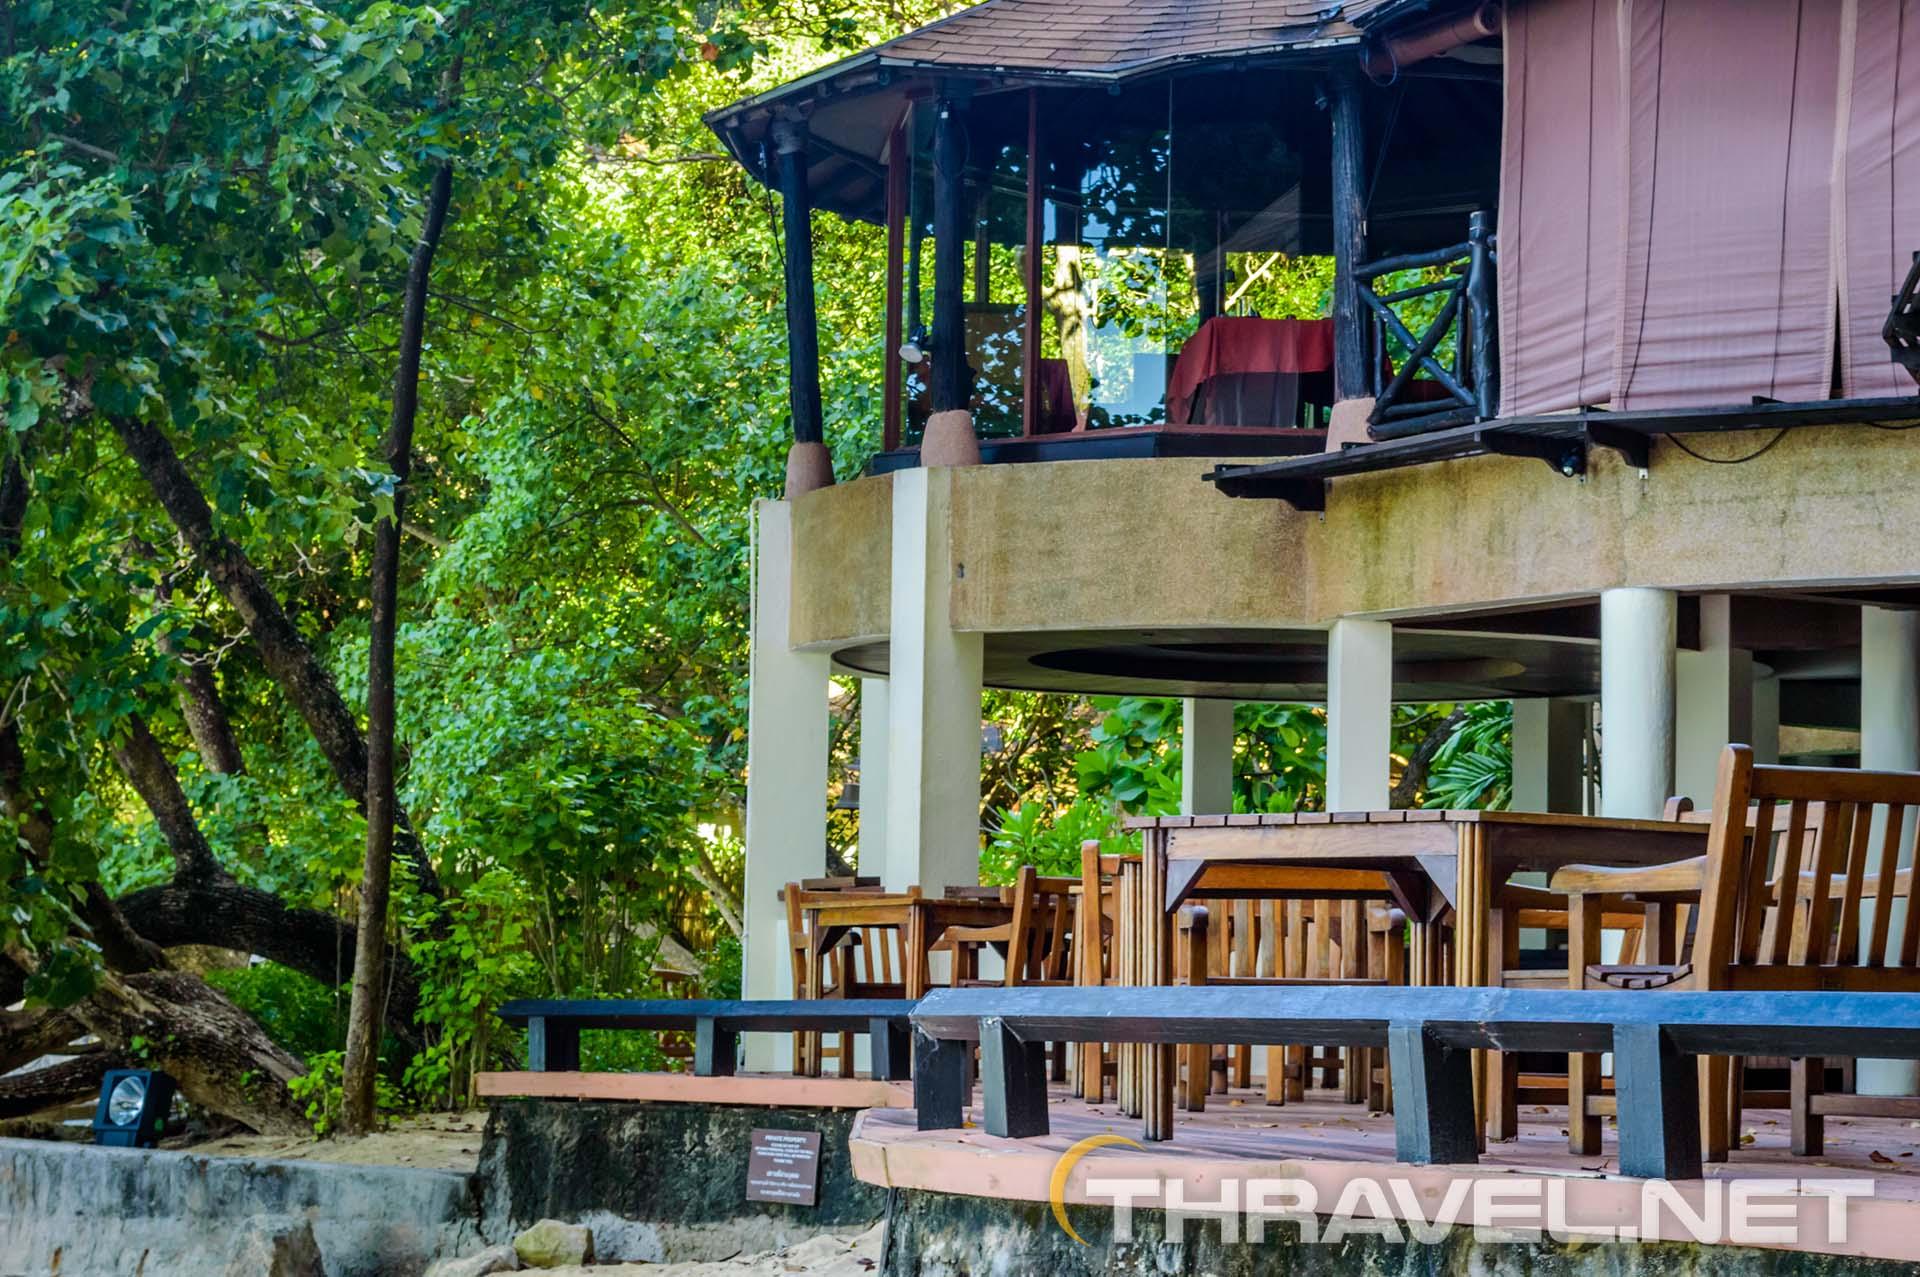 Rayavadee-resort-restaurant-view